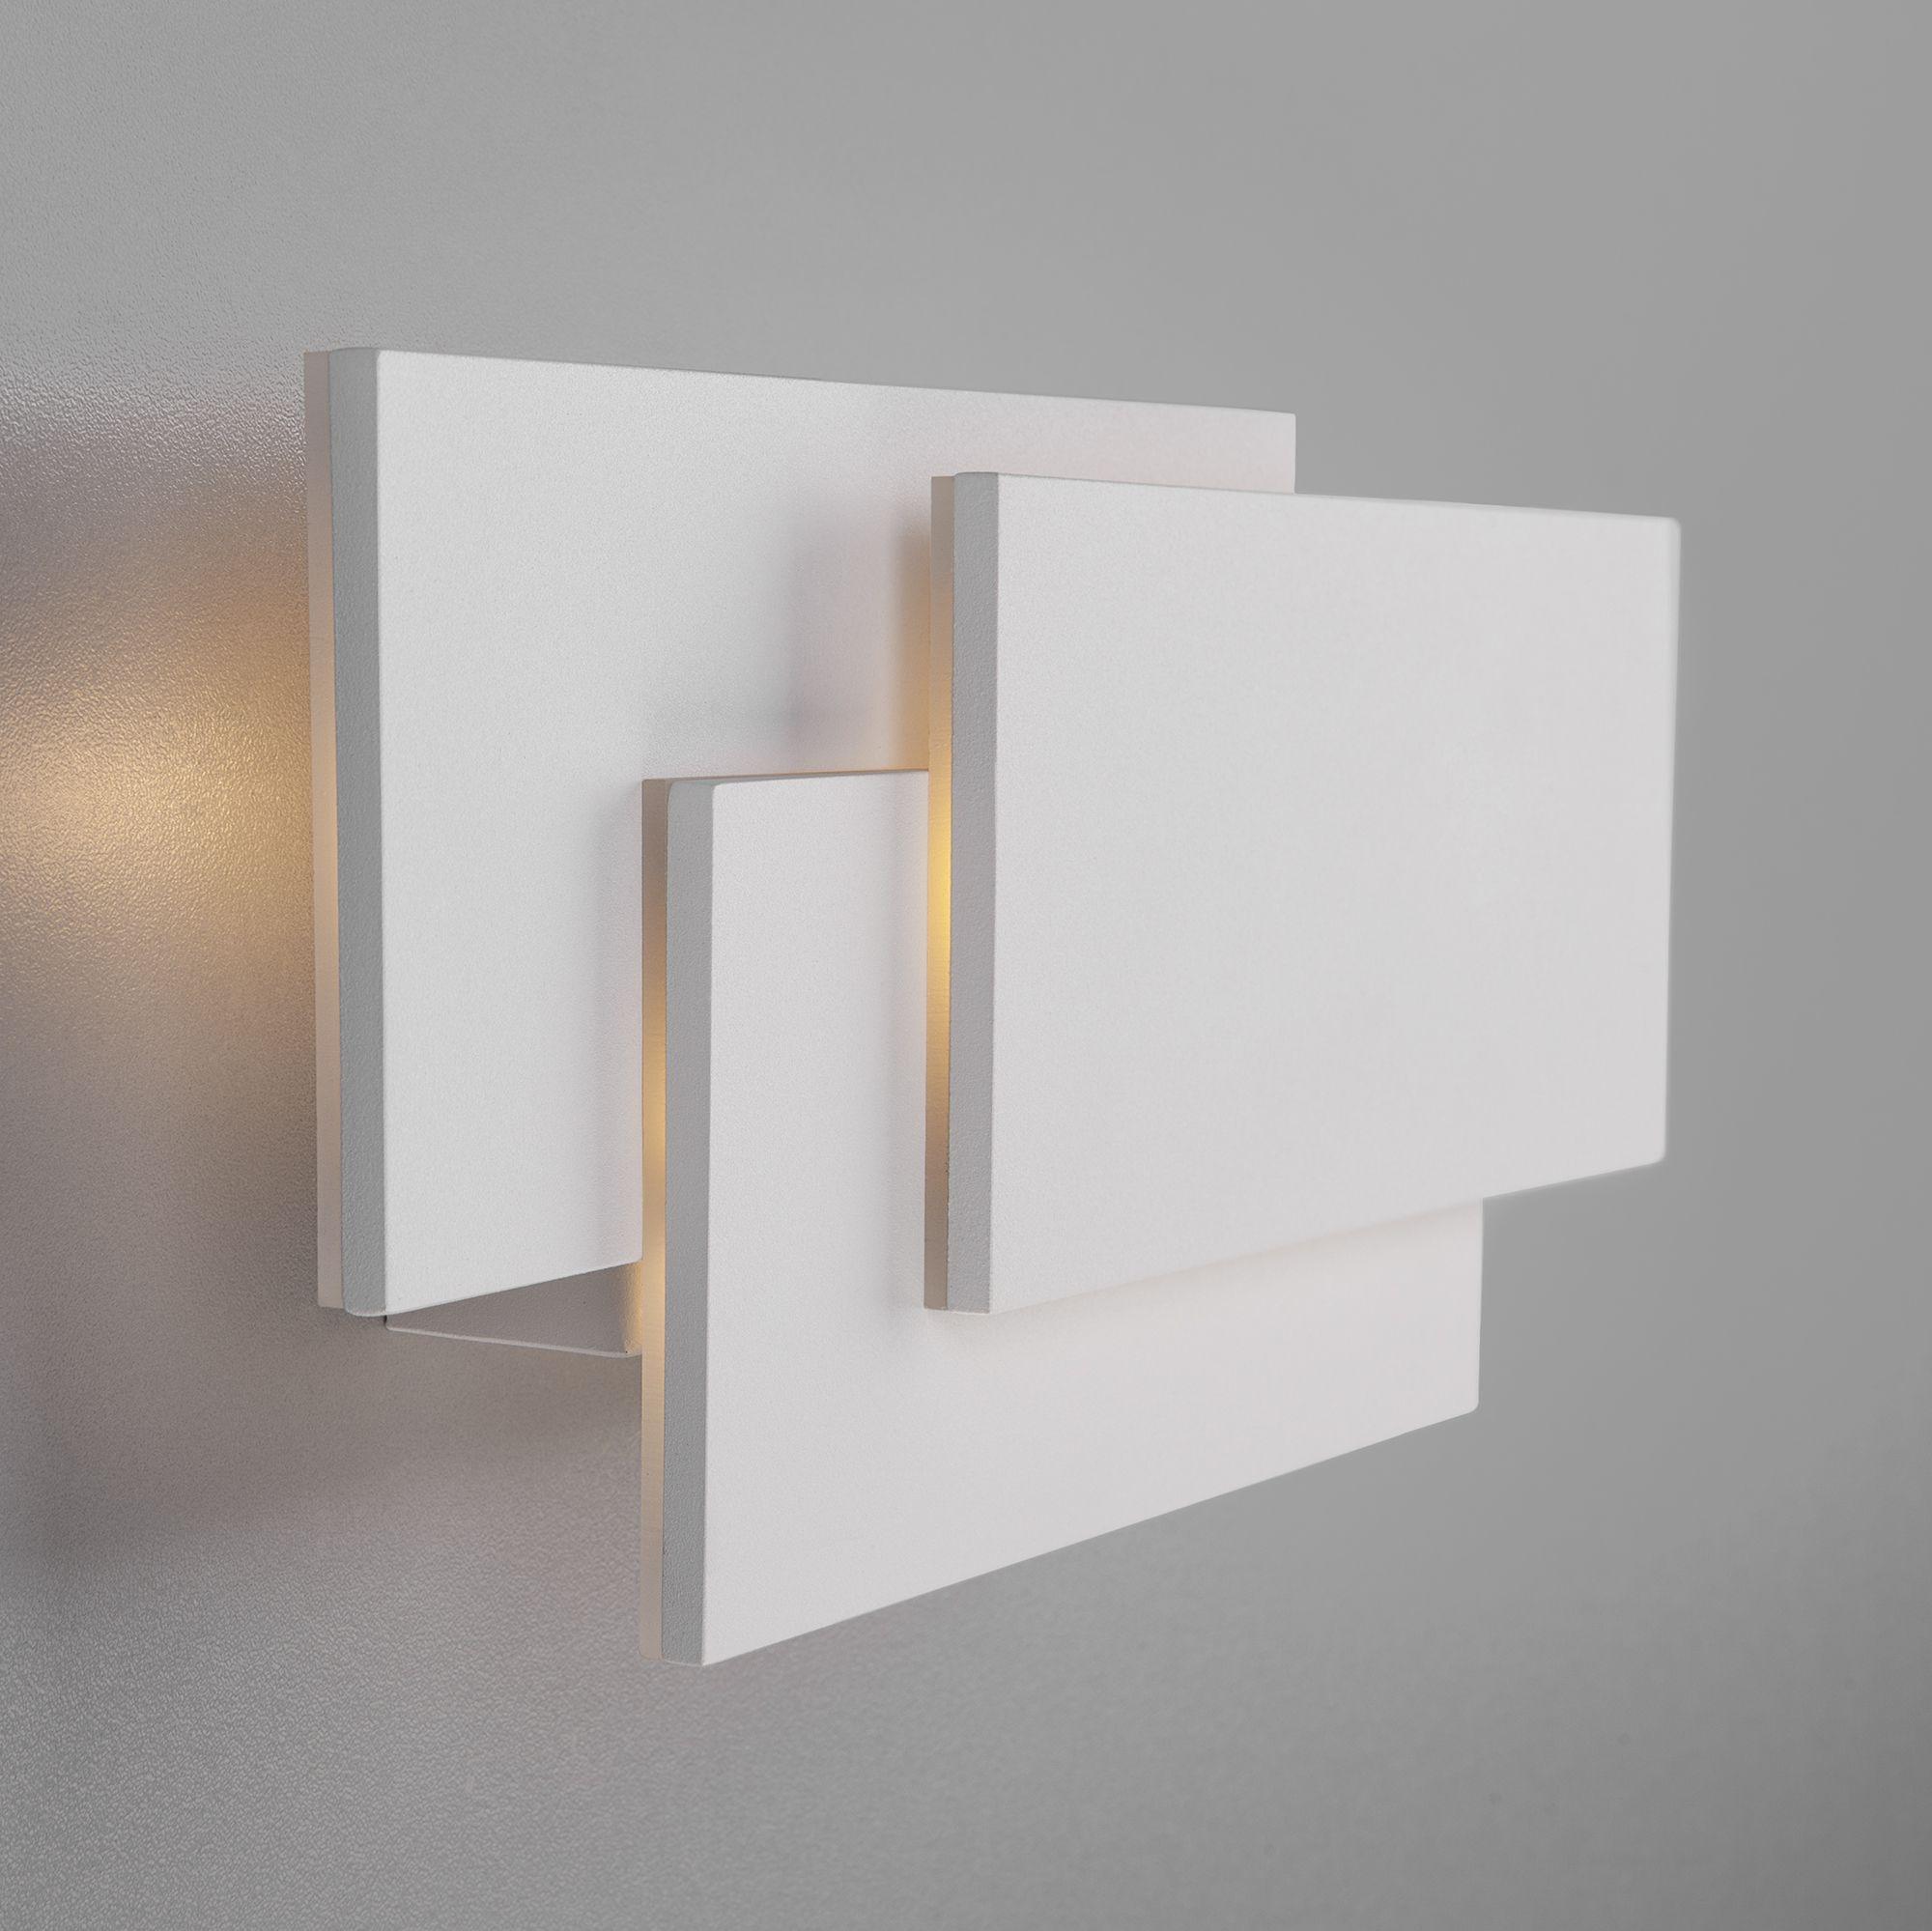 Настенный светодиодный светильник Inside LED MRL LED 12W 1012 IP20 белый матовый